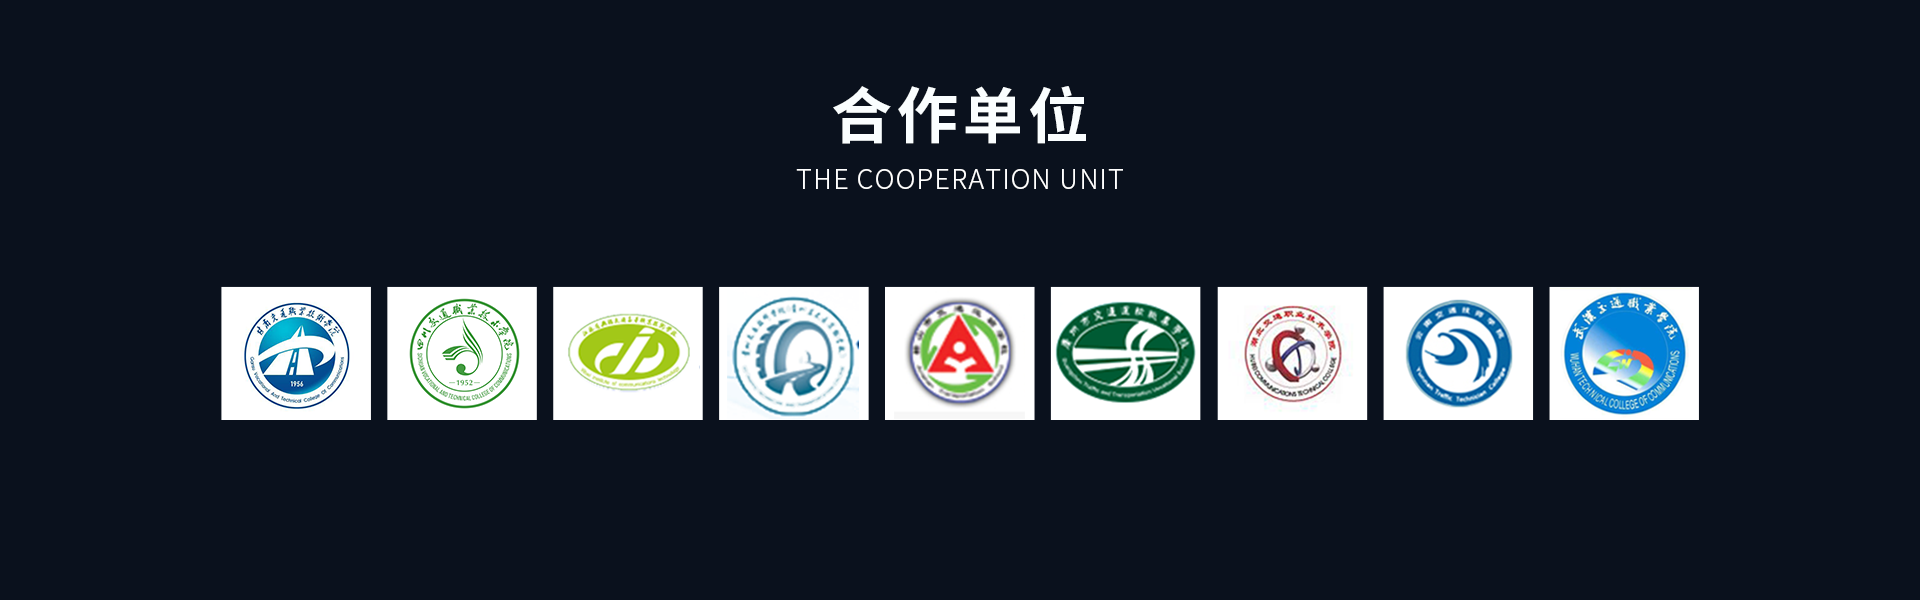 合作学校(合并)